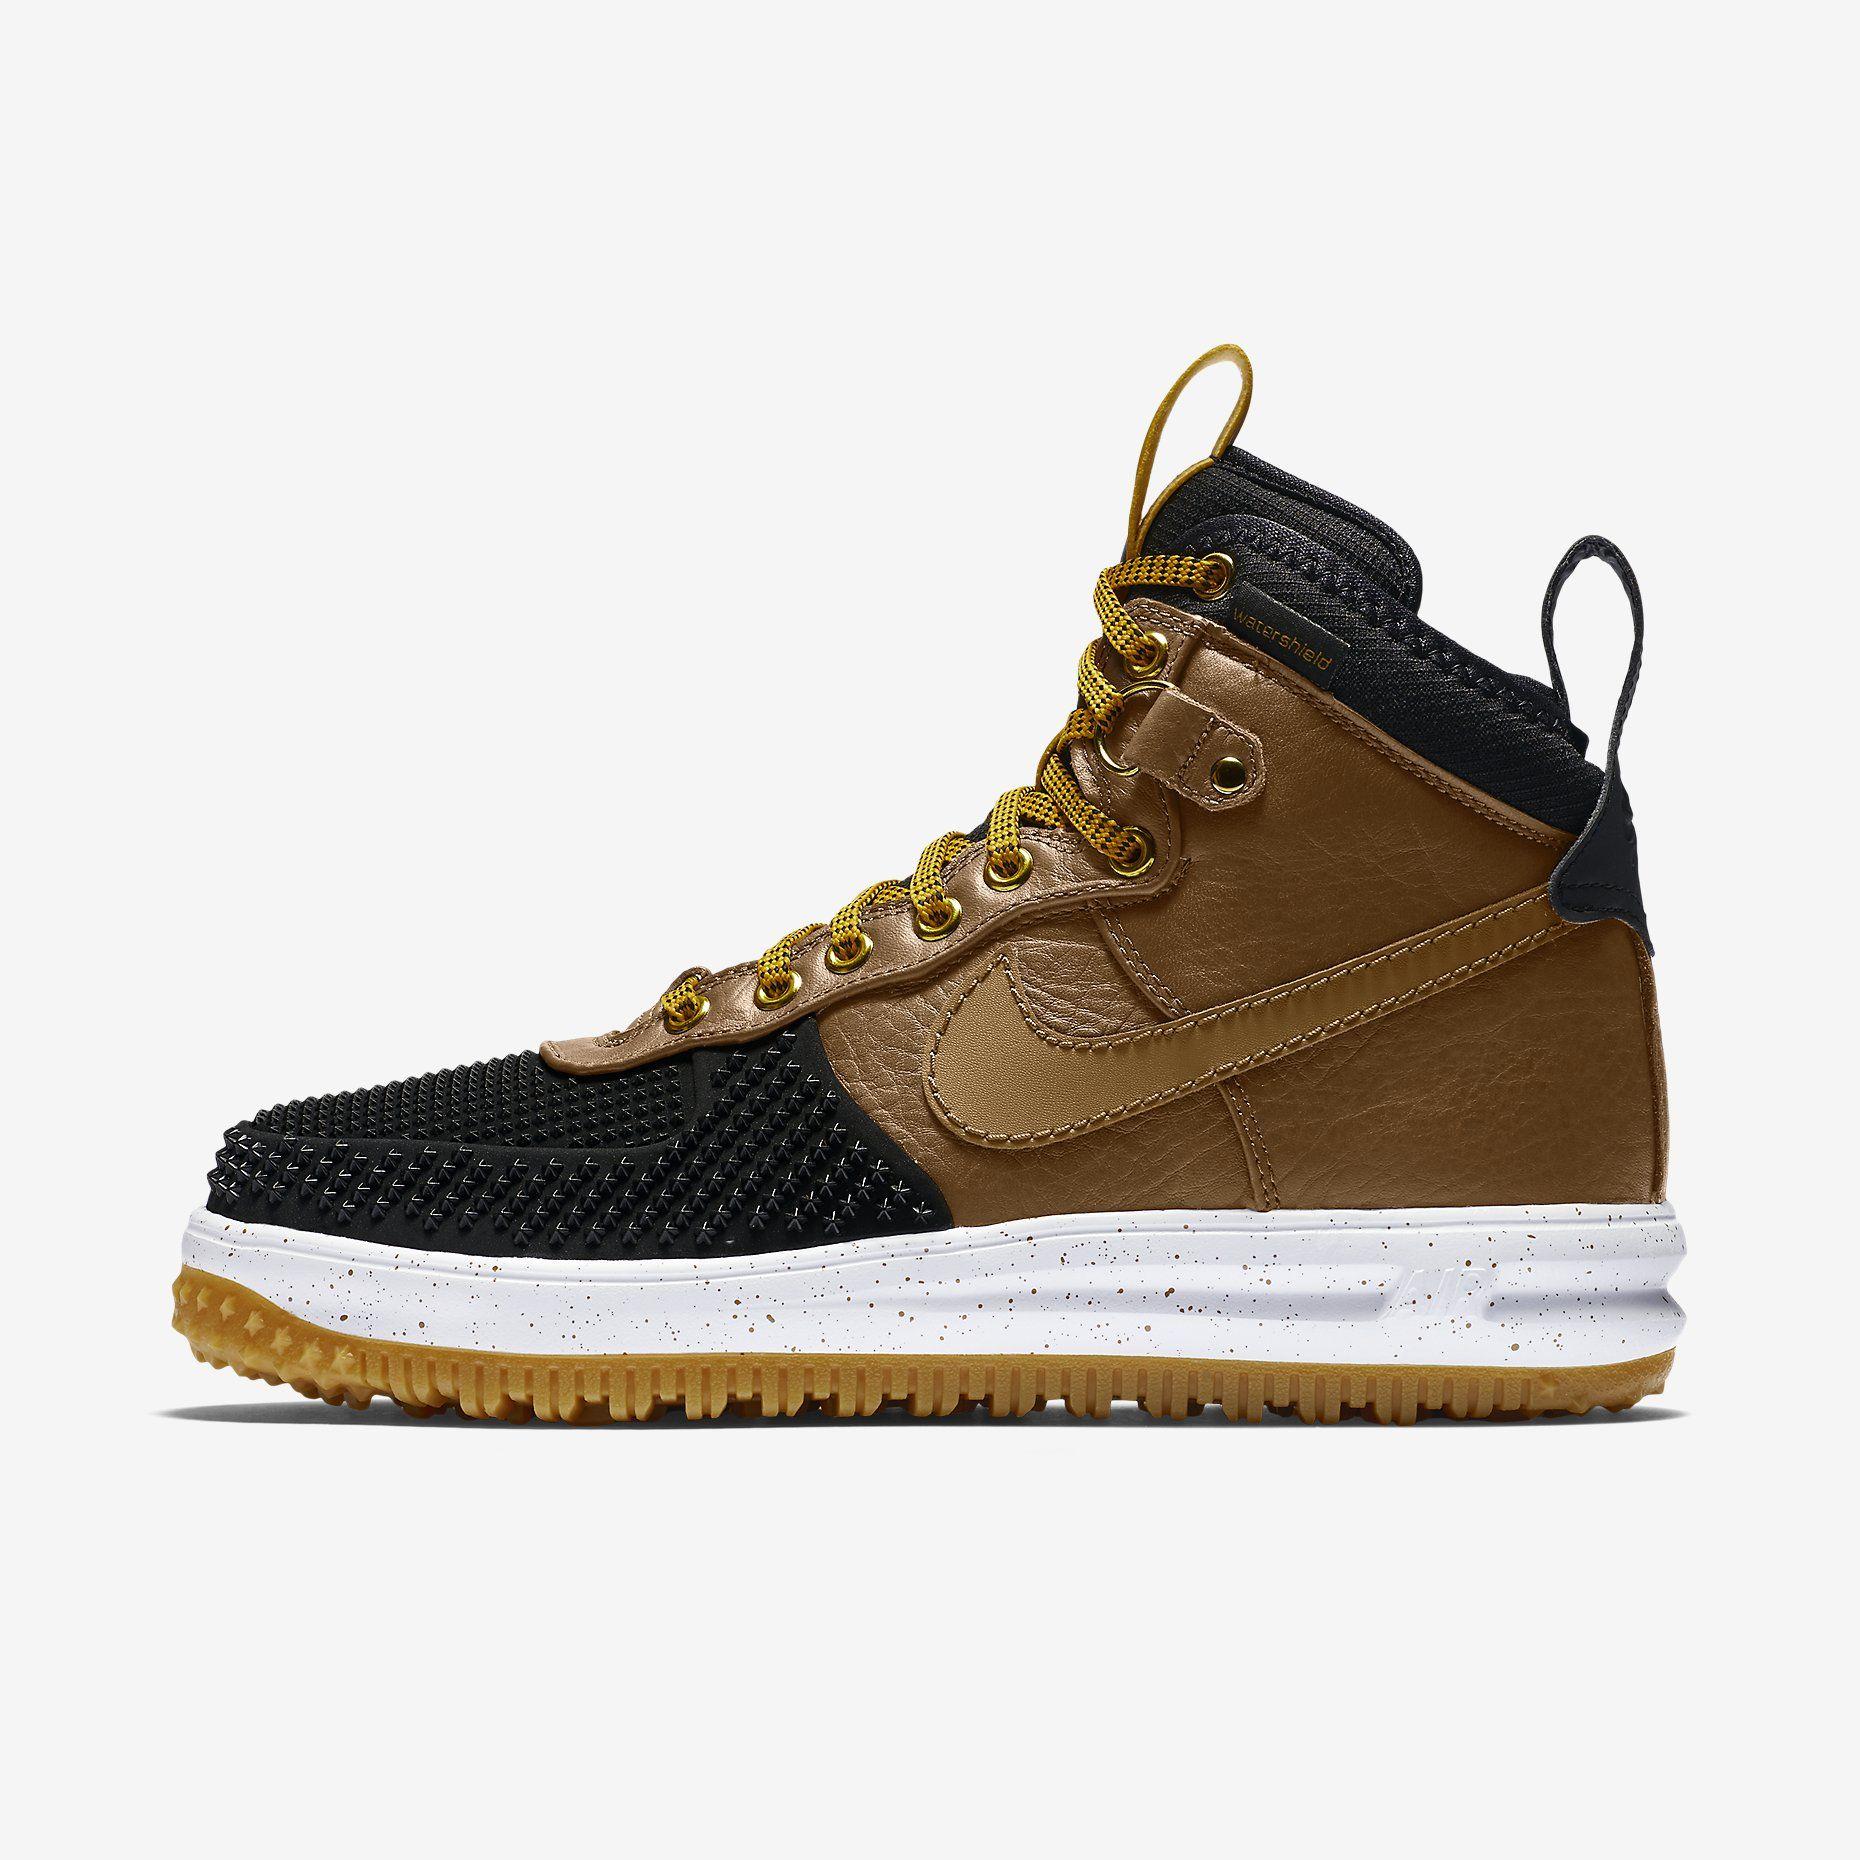 Nike Lunar Force 1 Duckboot Men's Boot: Black/Gold Dart/White/Light